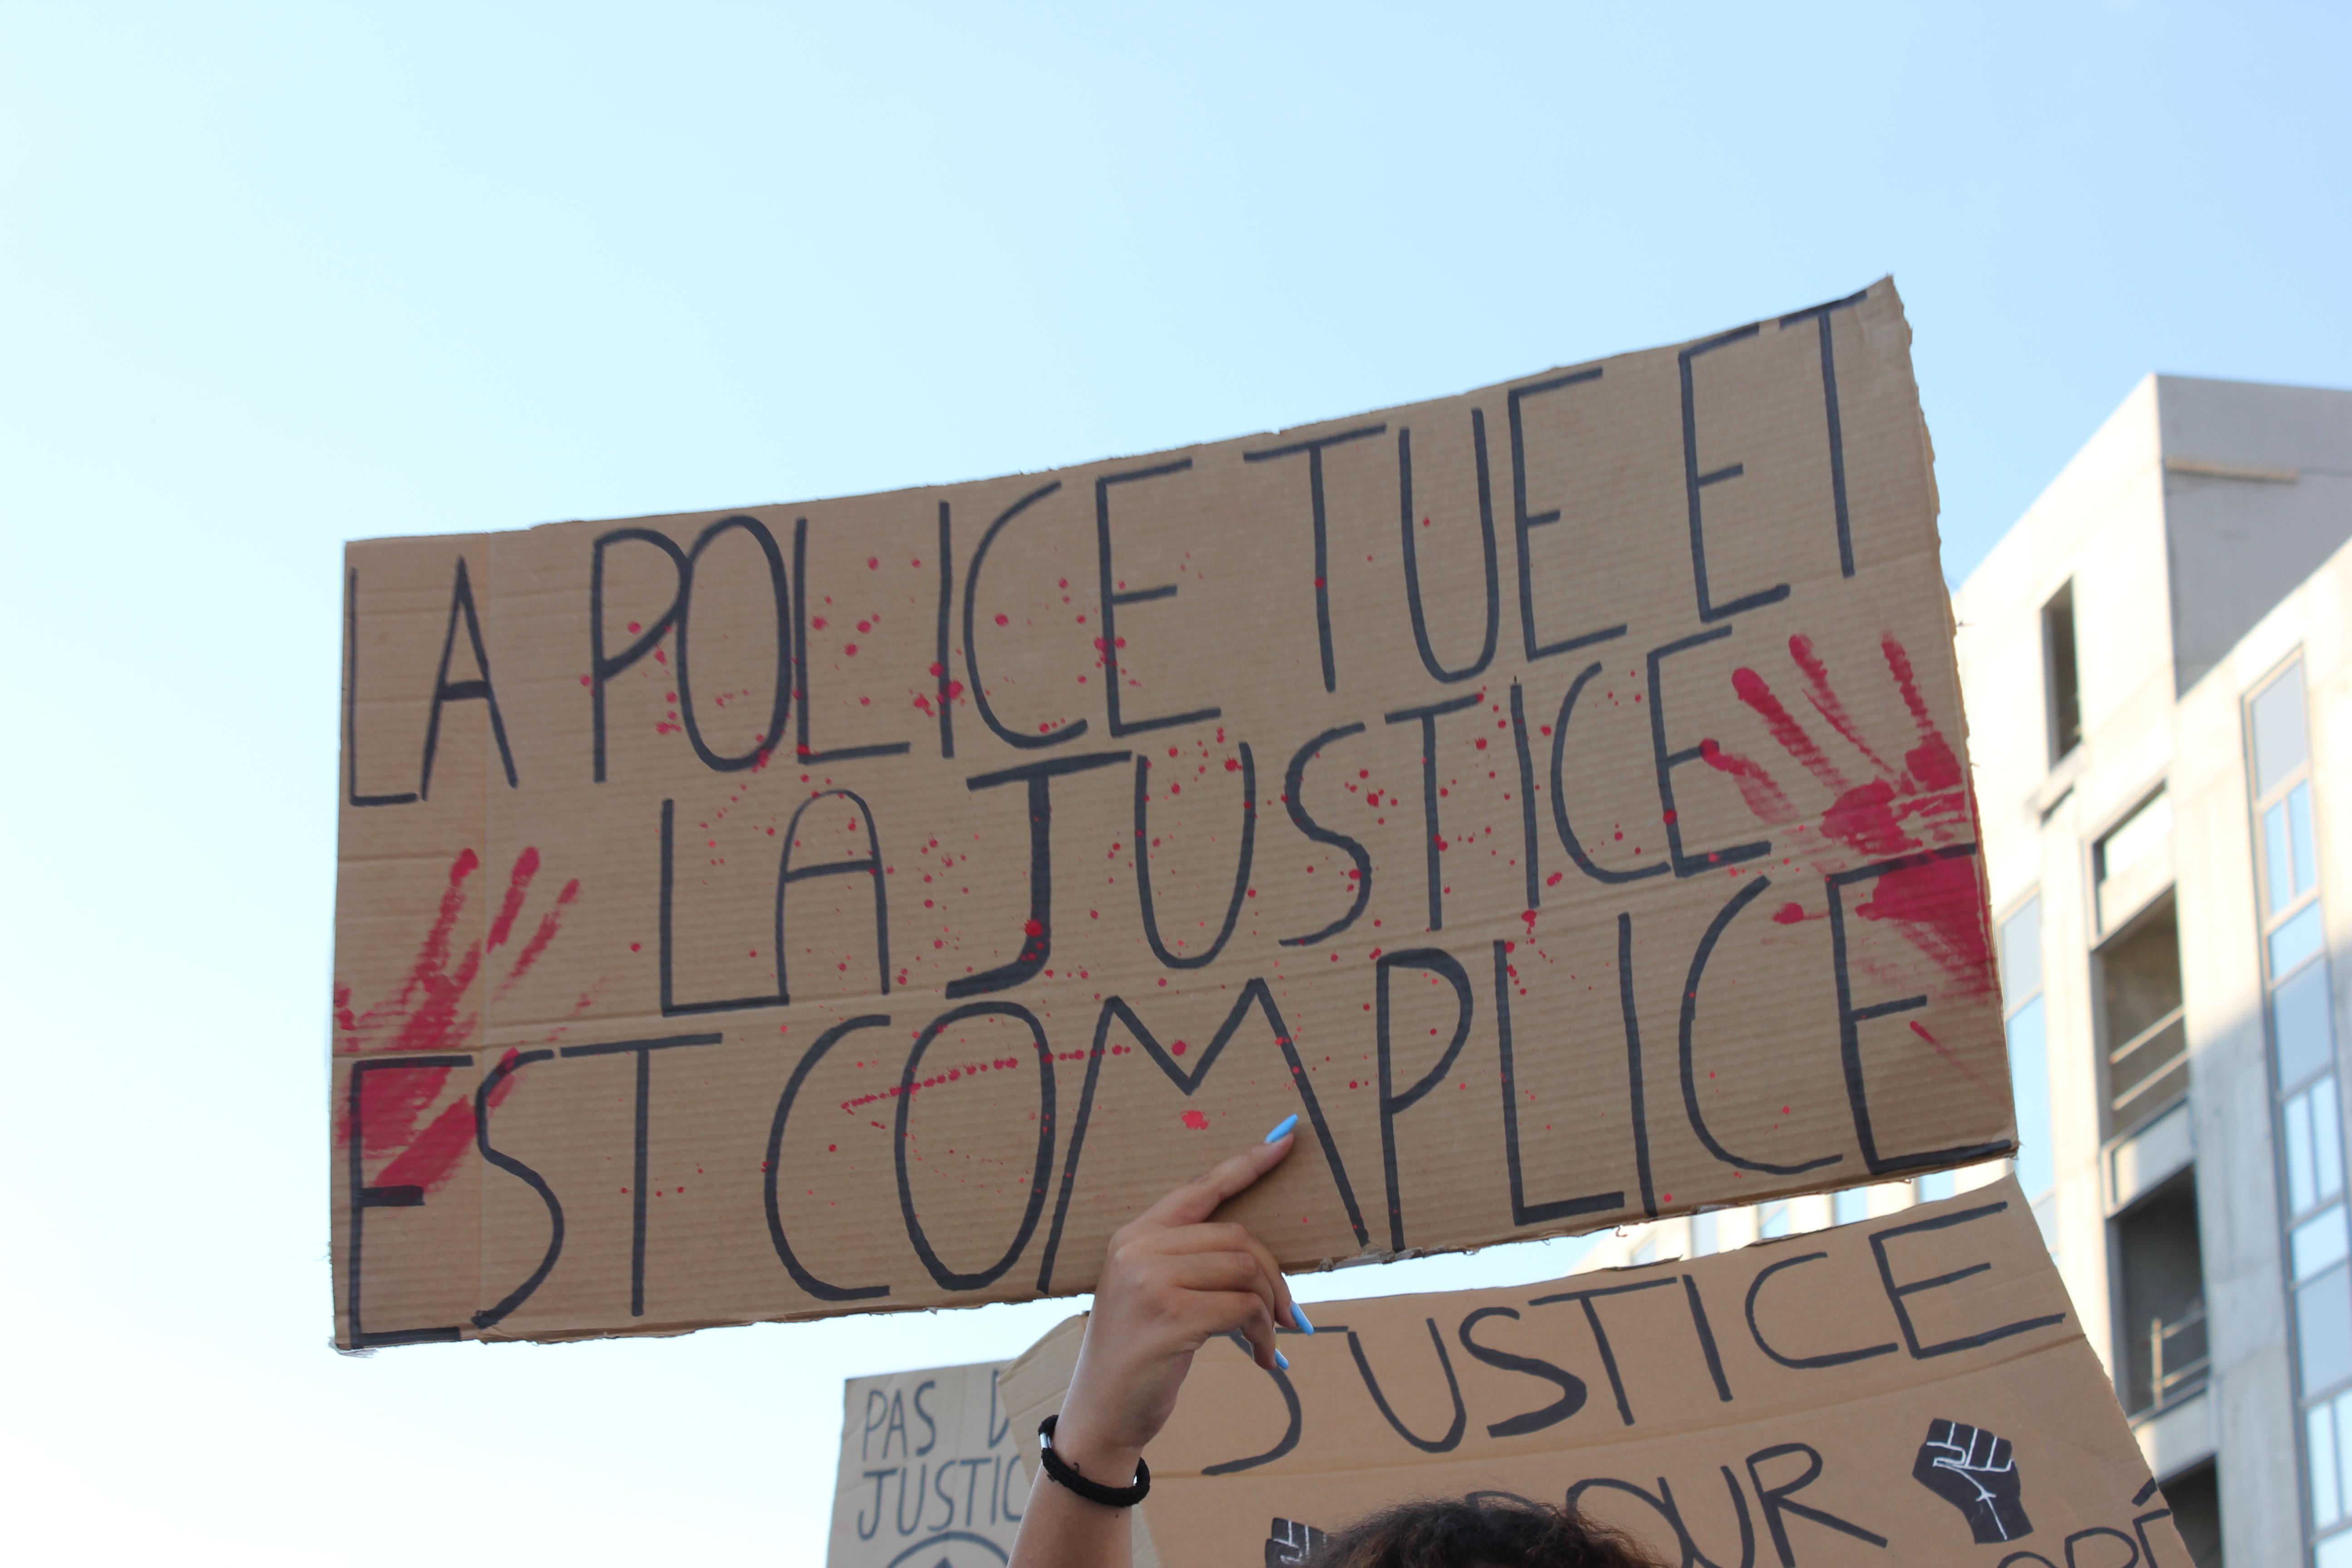 200506 - Pancarte La Police tue et la justice est complice lors de la manifestation du 2 juin 2020 à Tours by MLB - La Déviation